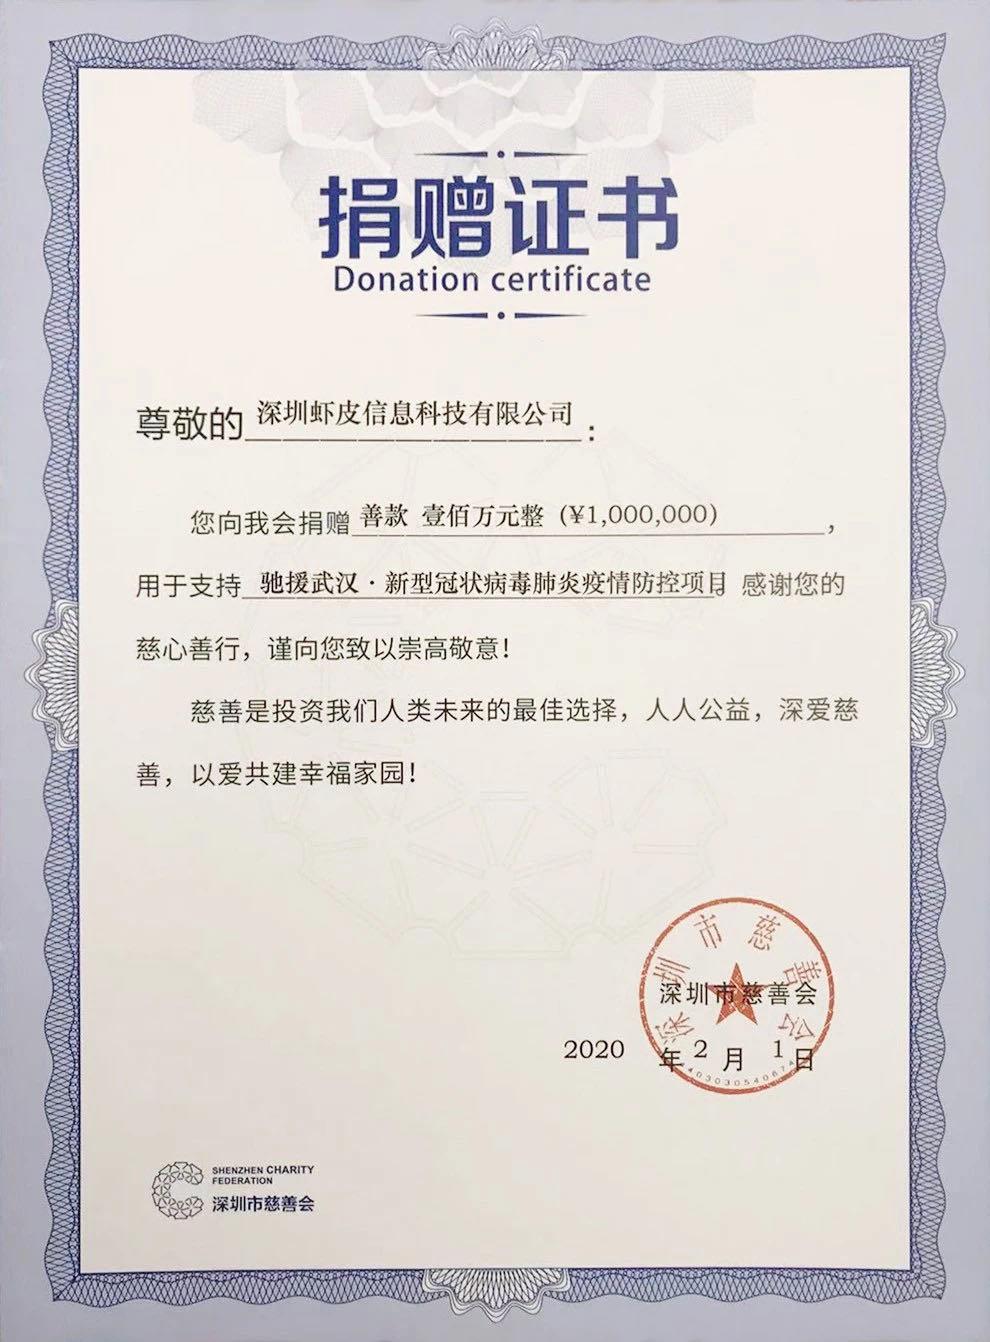 东南亚电商Shopee捐赠100万元驰援武汉.jpeg